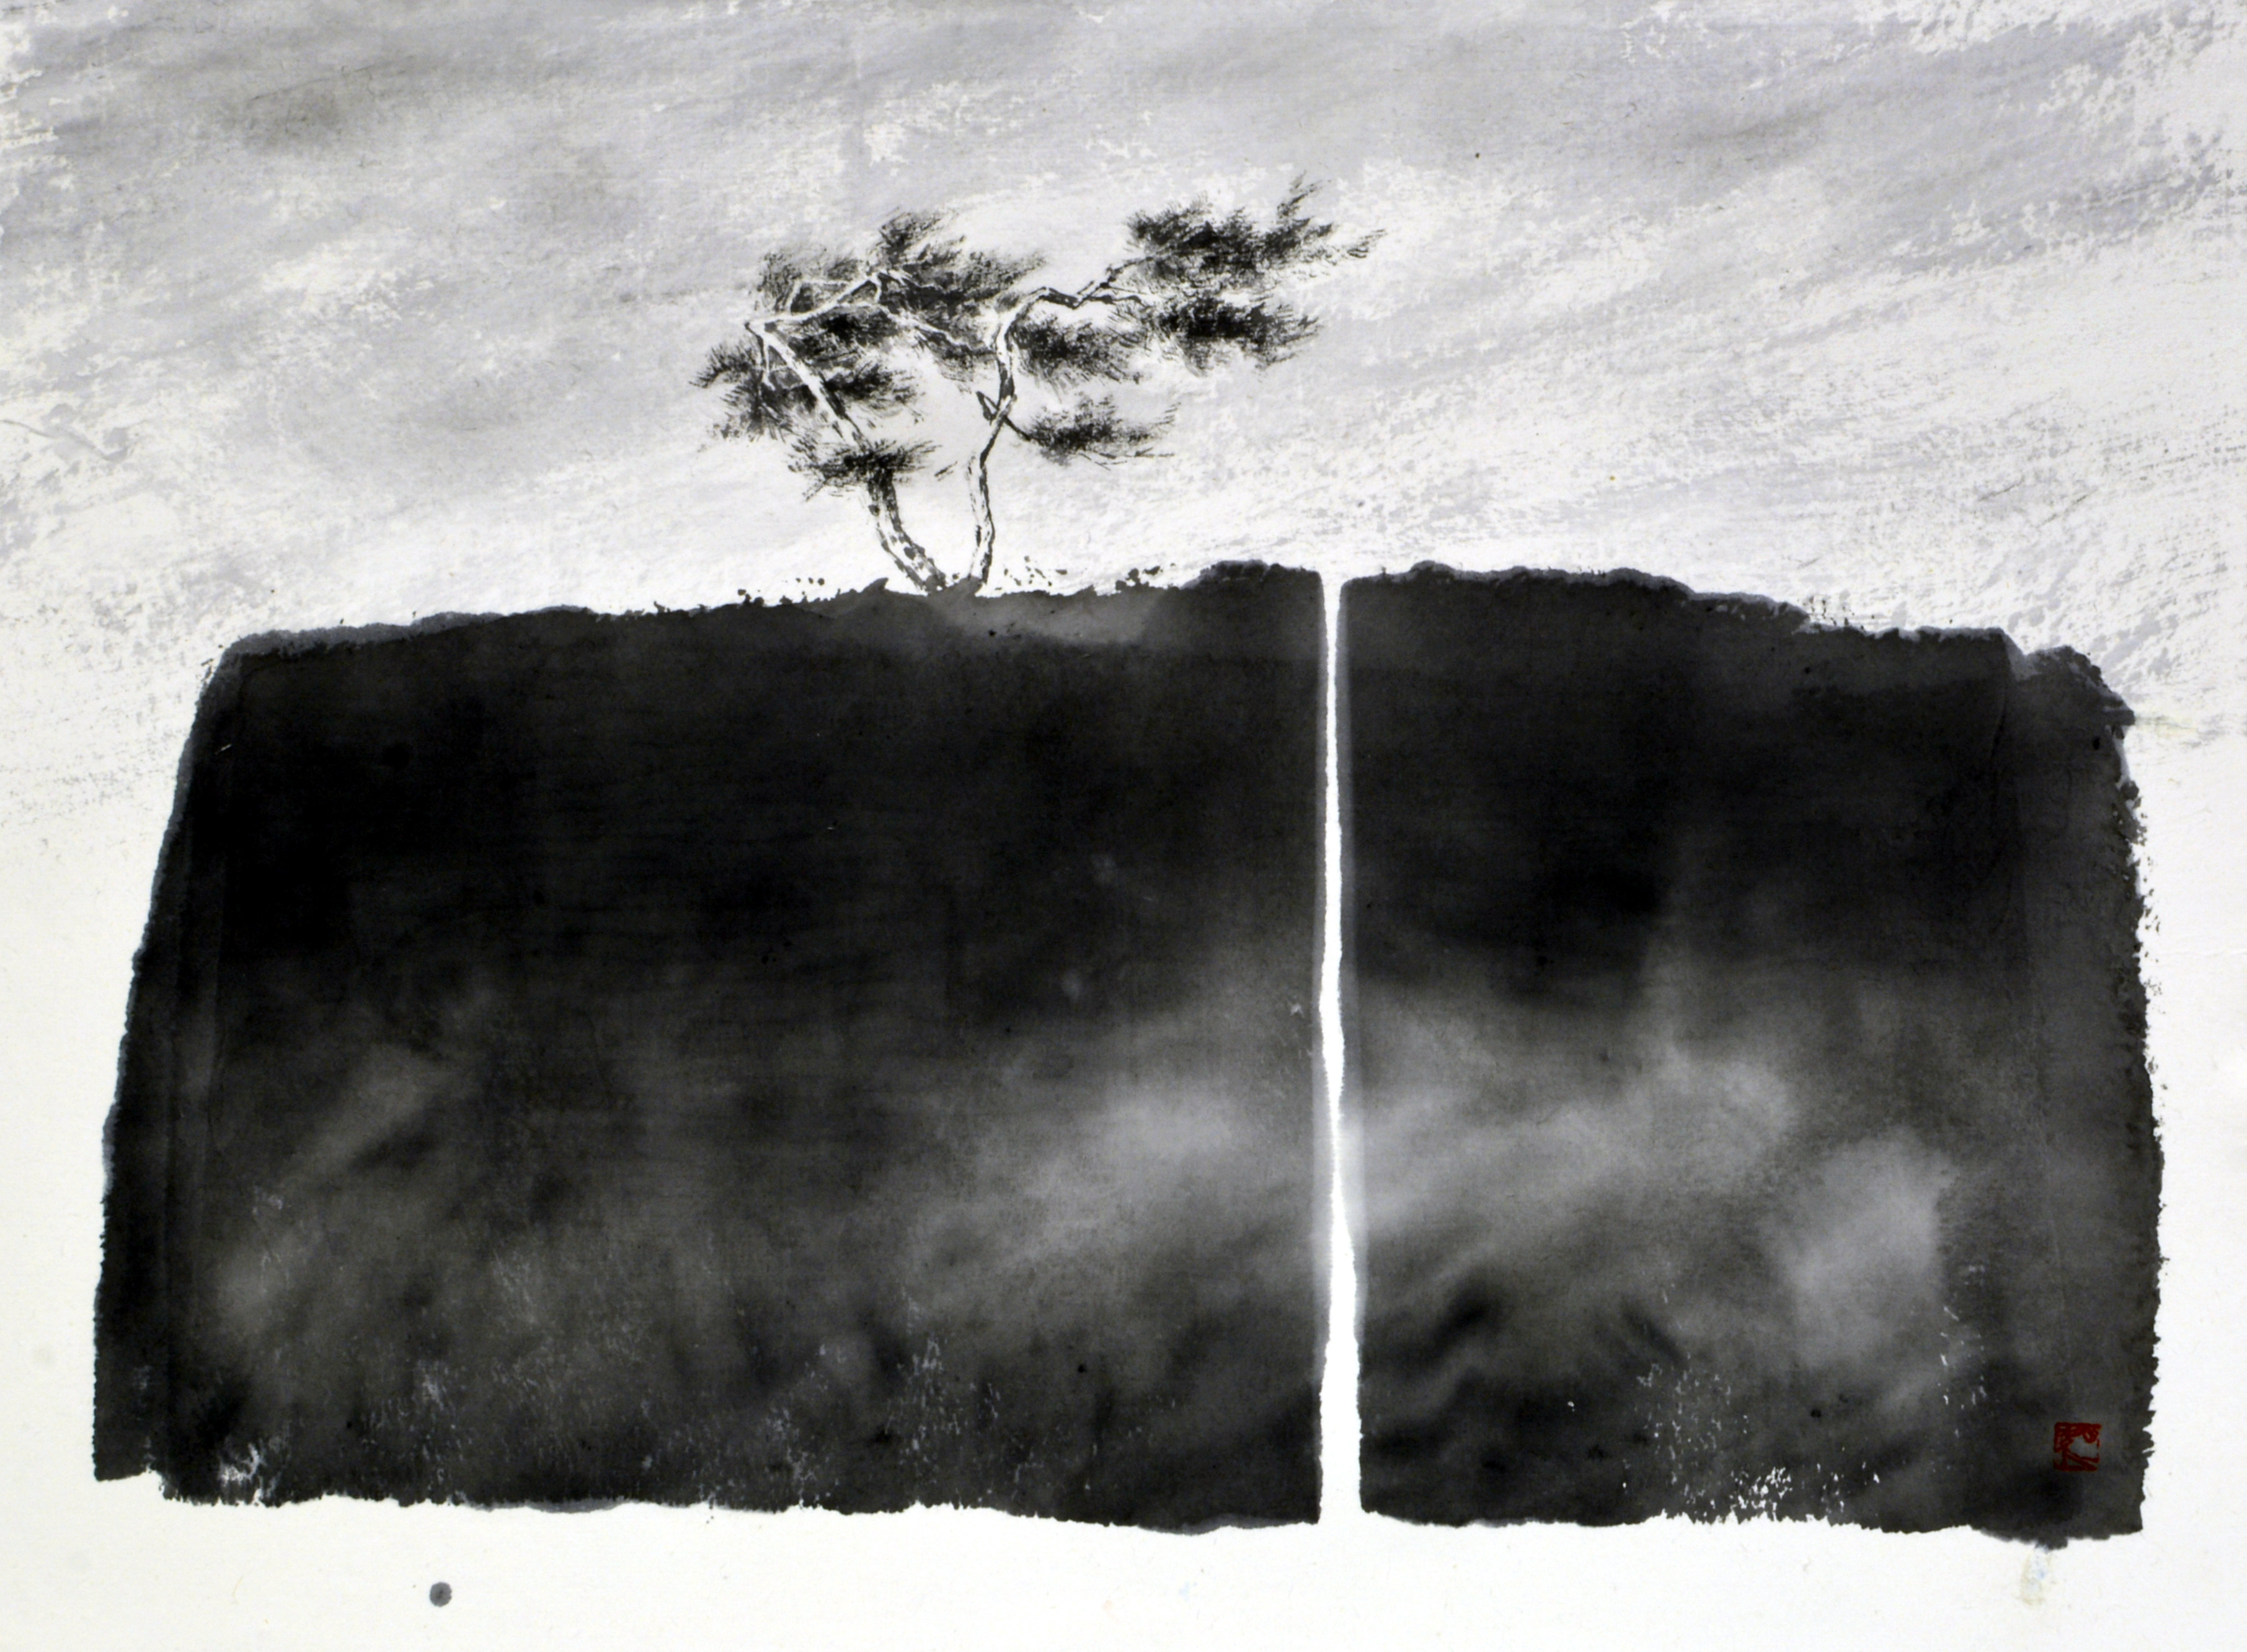 송승호004,오늘도 살아있음을., 45x34cm, 화선지에 수묵, 2017